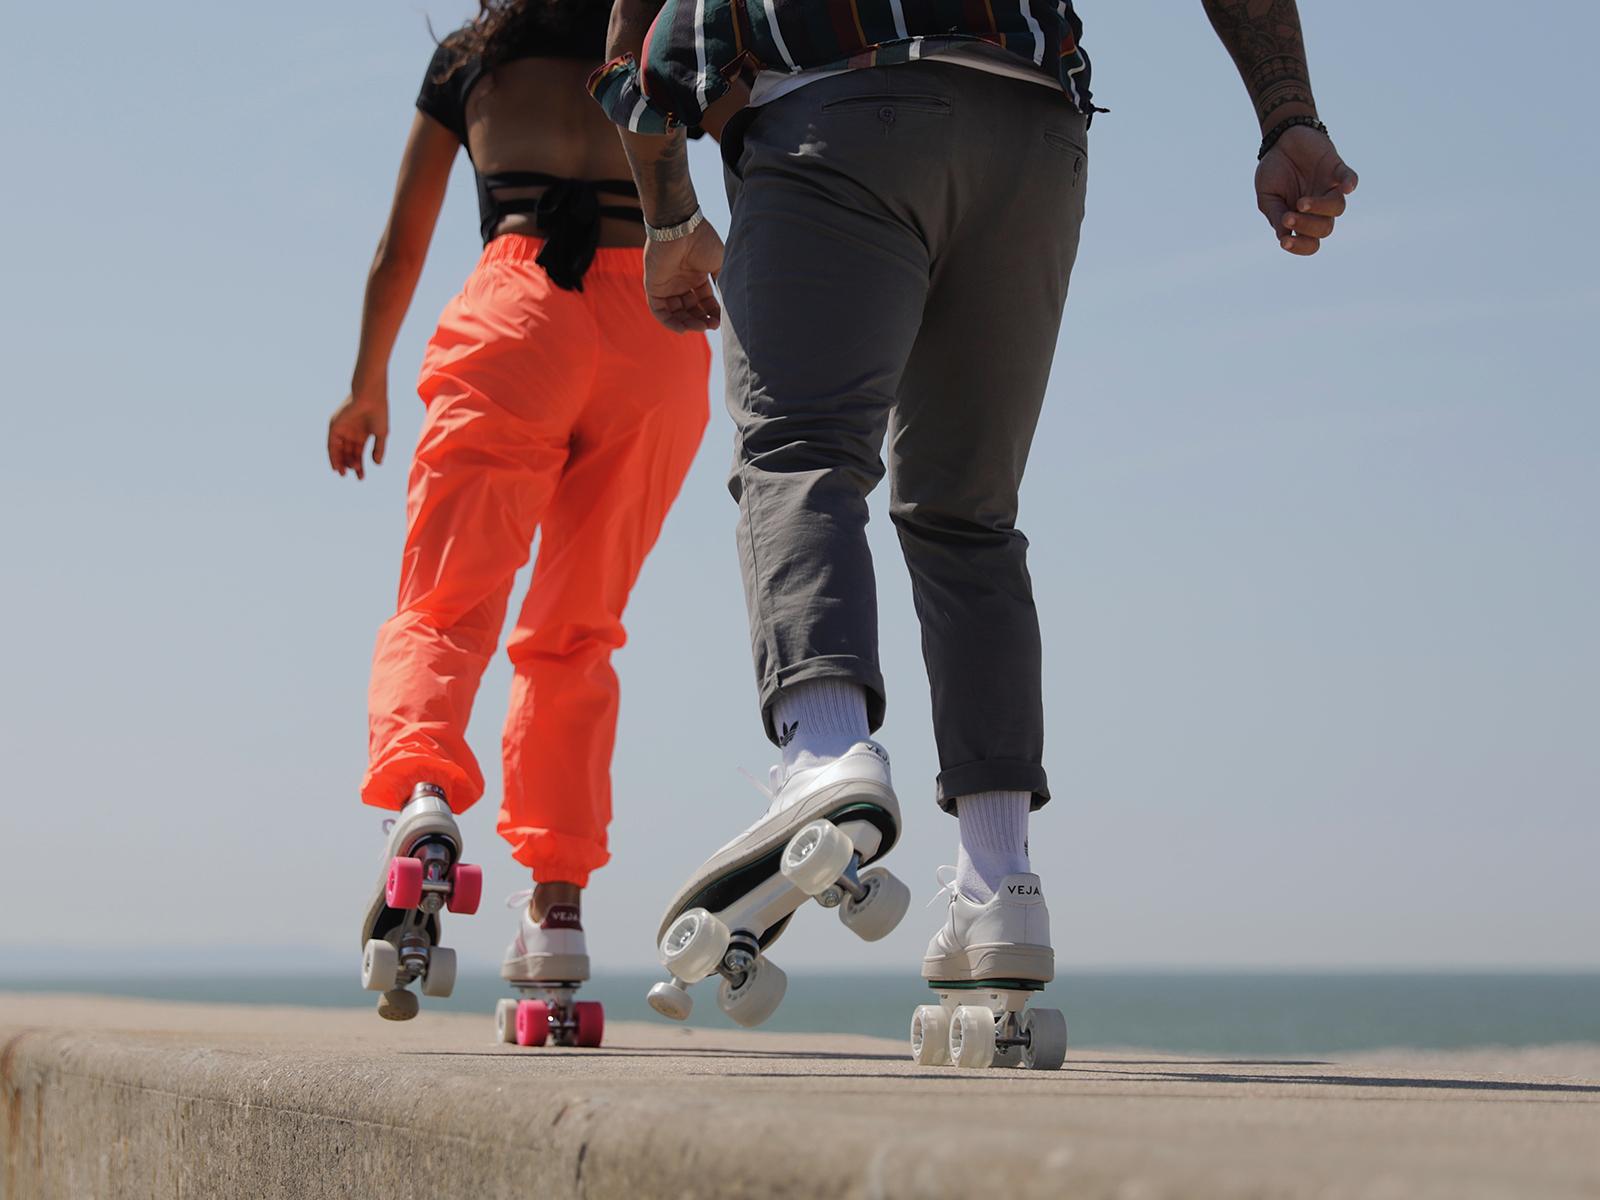 How to brake on roller skates?